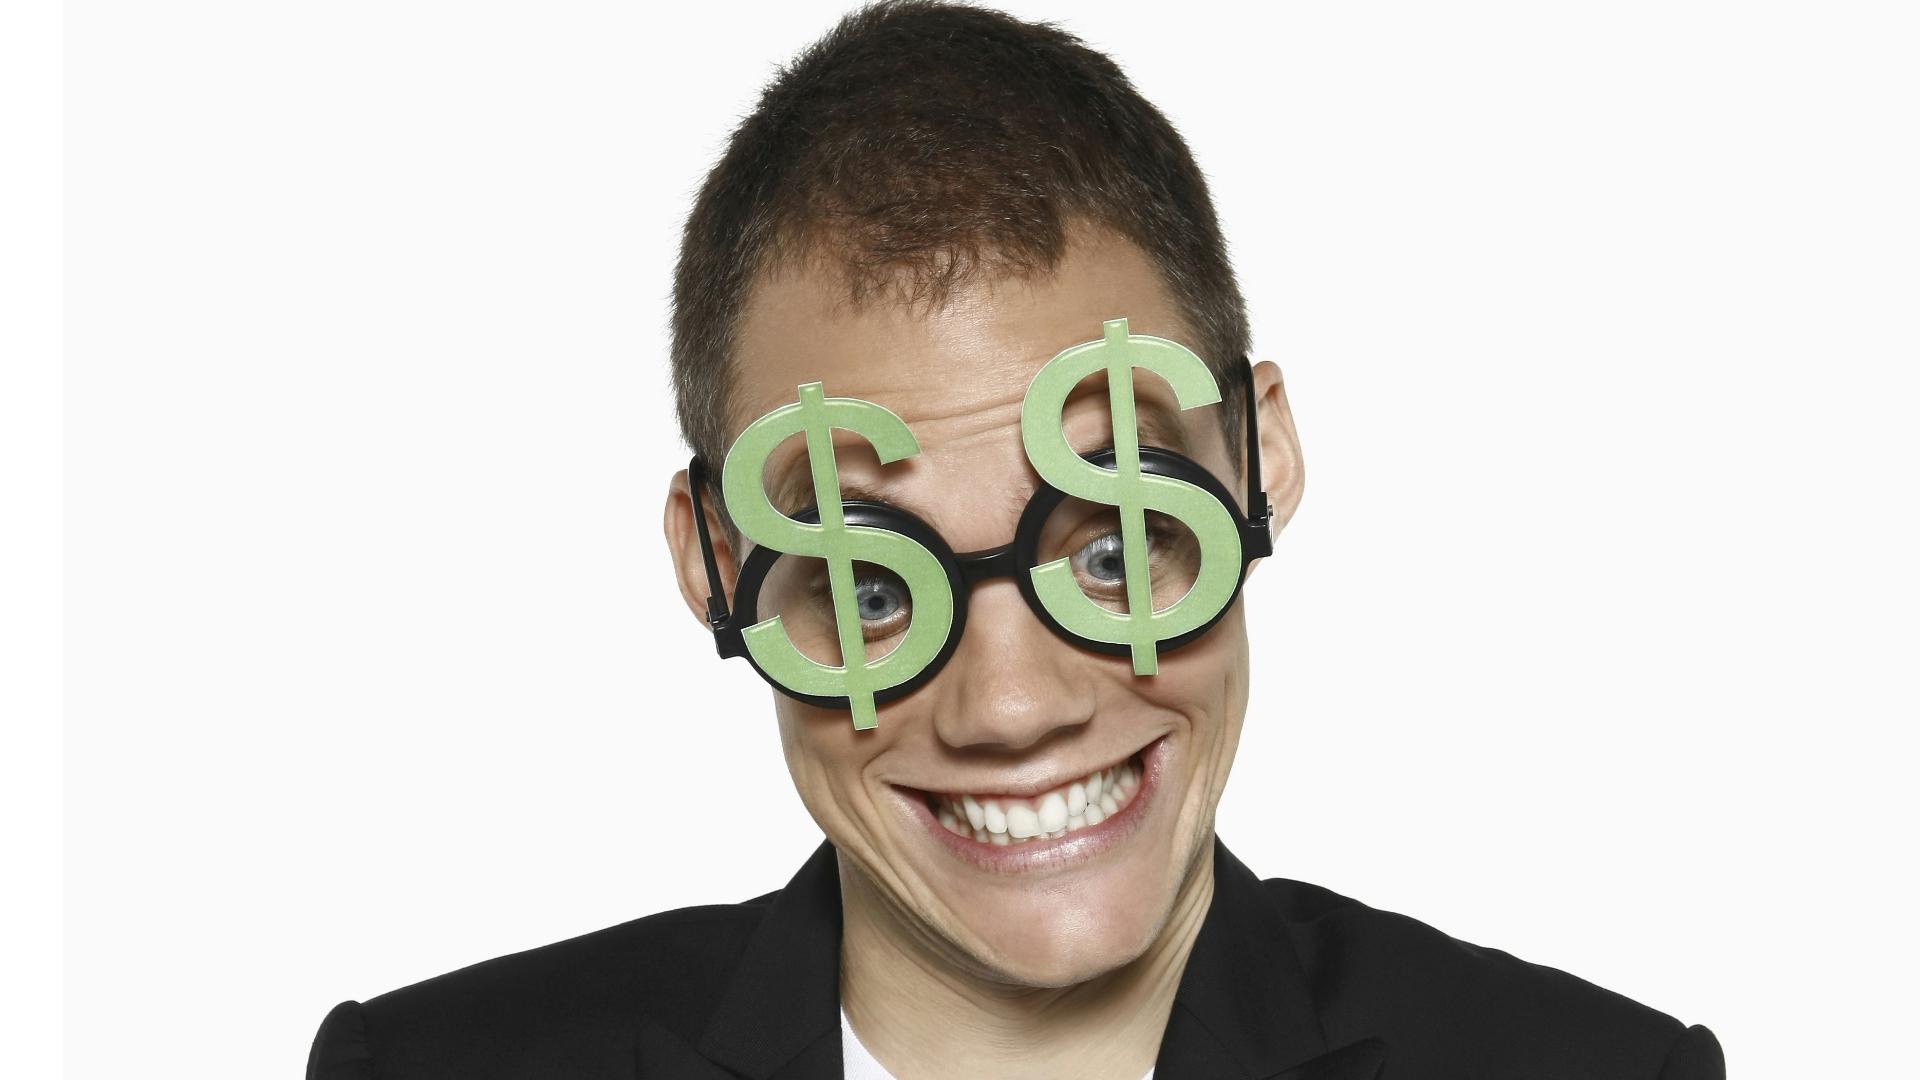 meer winst met online gokken behalen